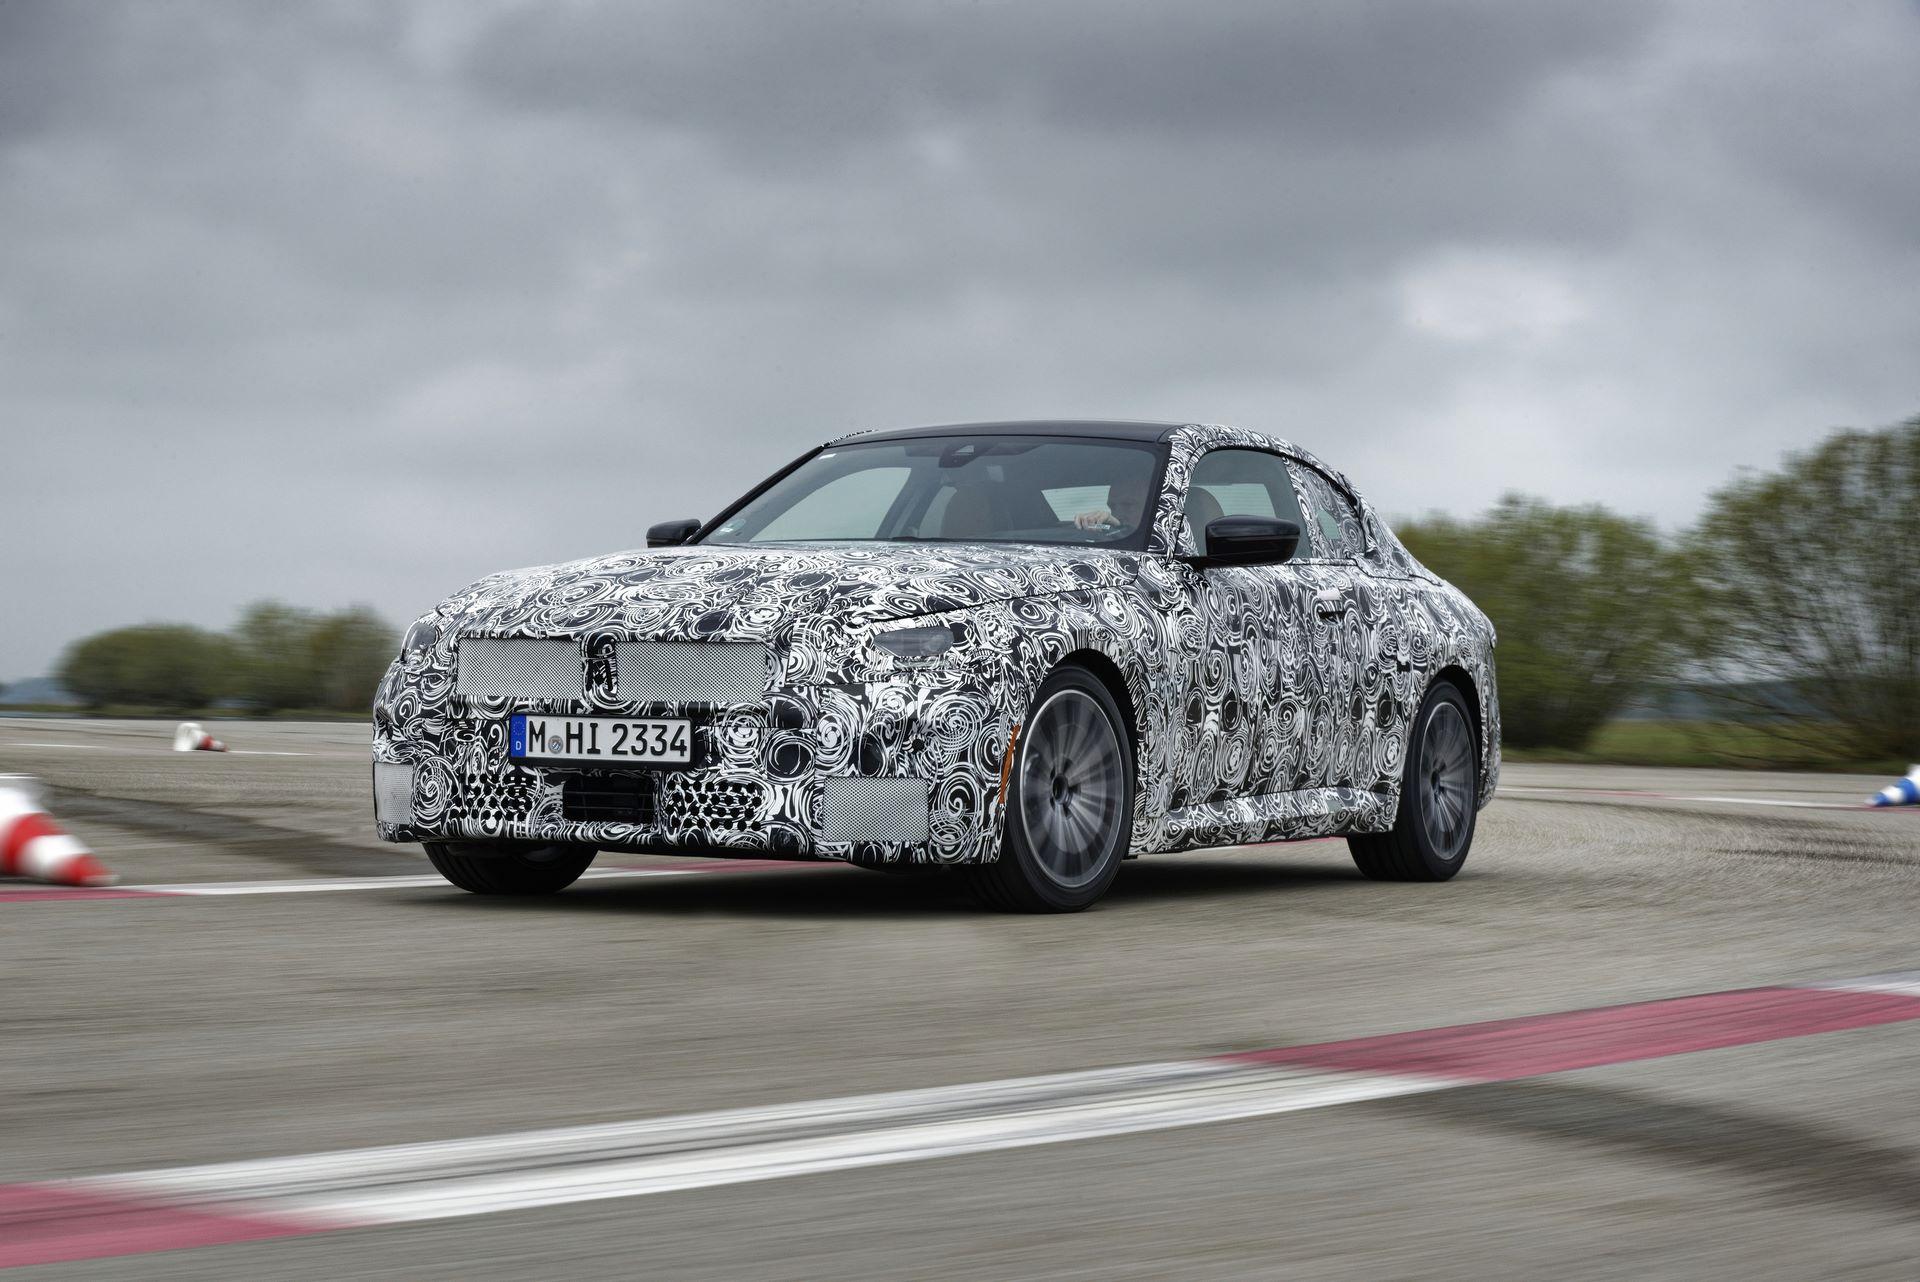 BMW-2-Series-M240i-spy-photos-18